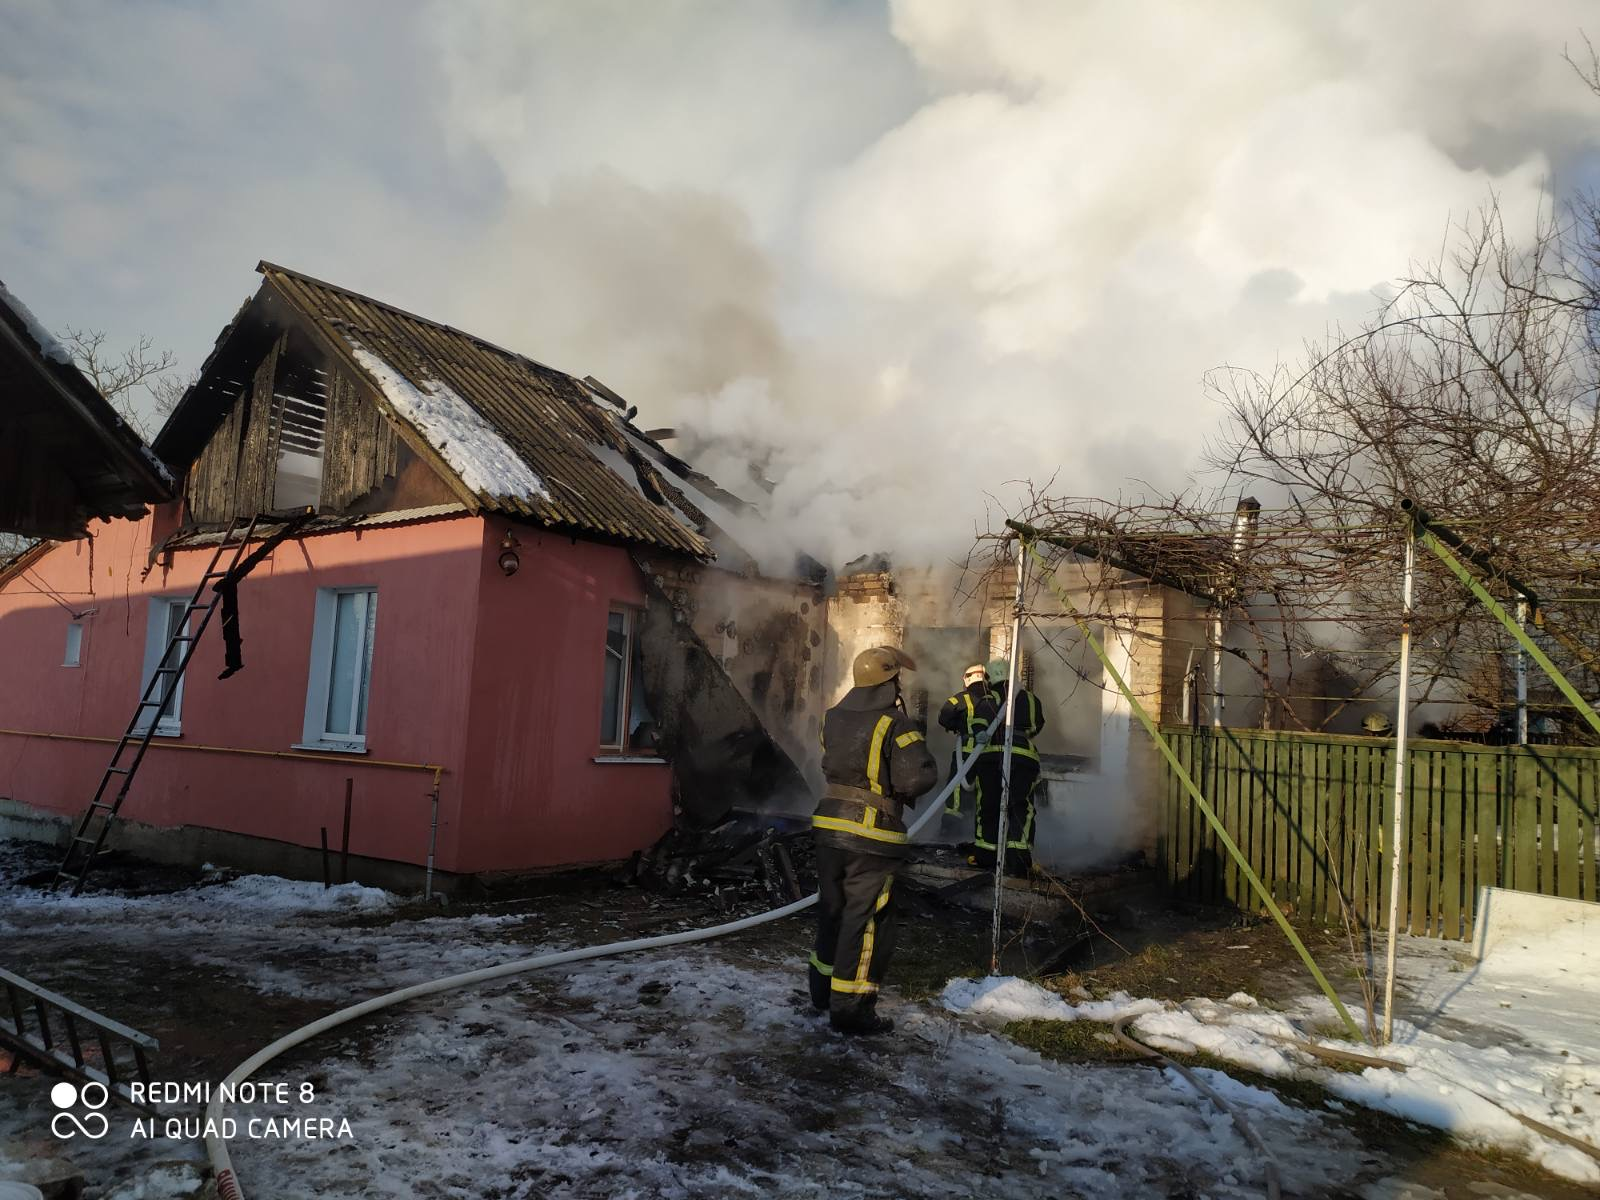 У Бузовій – пожежа: загинула жінка - рятувальники, пожежа будинку, київщина, загинула людина, Дмитрівка, Бузова - Buzova